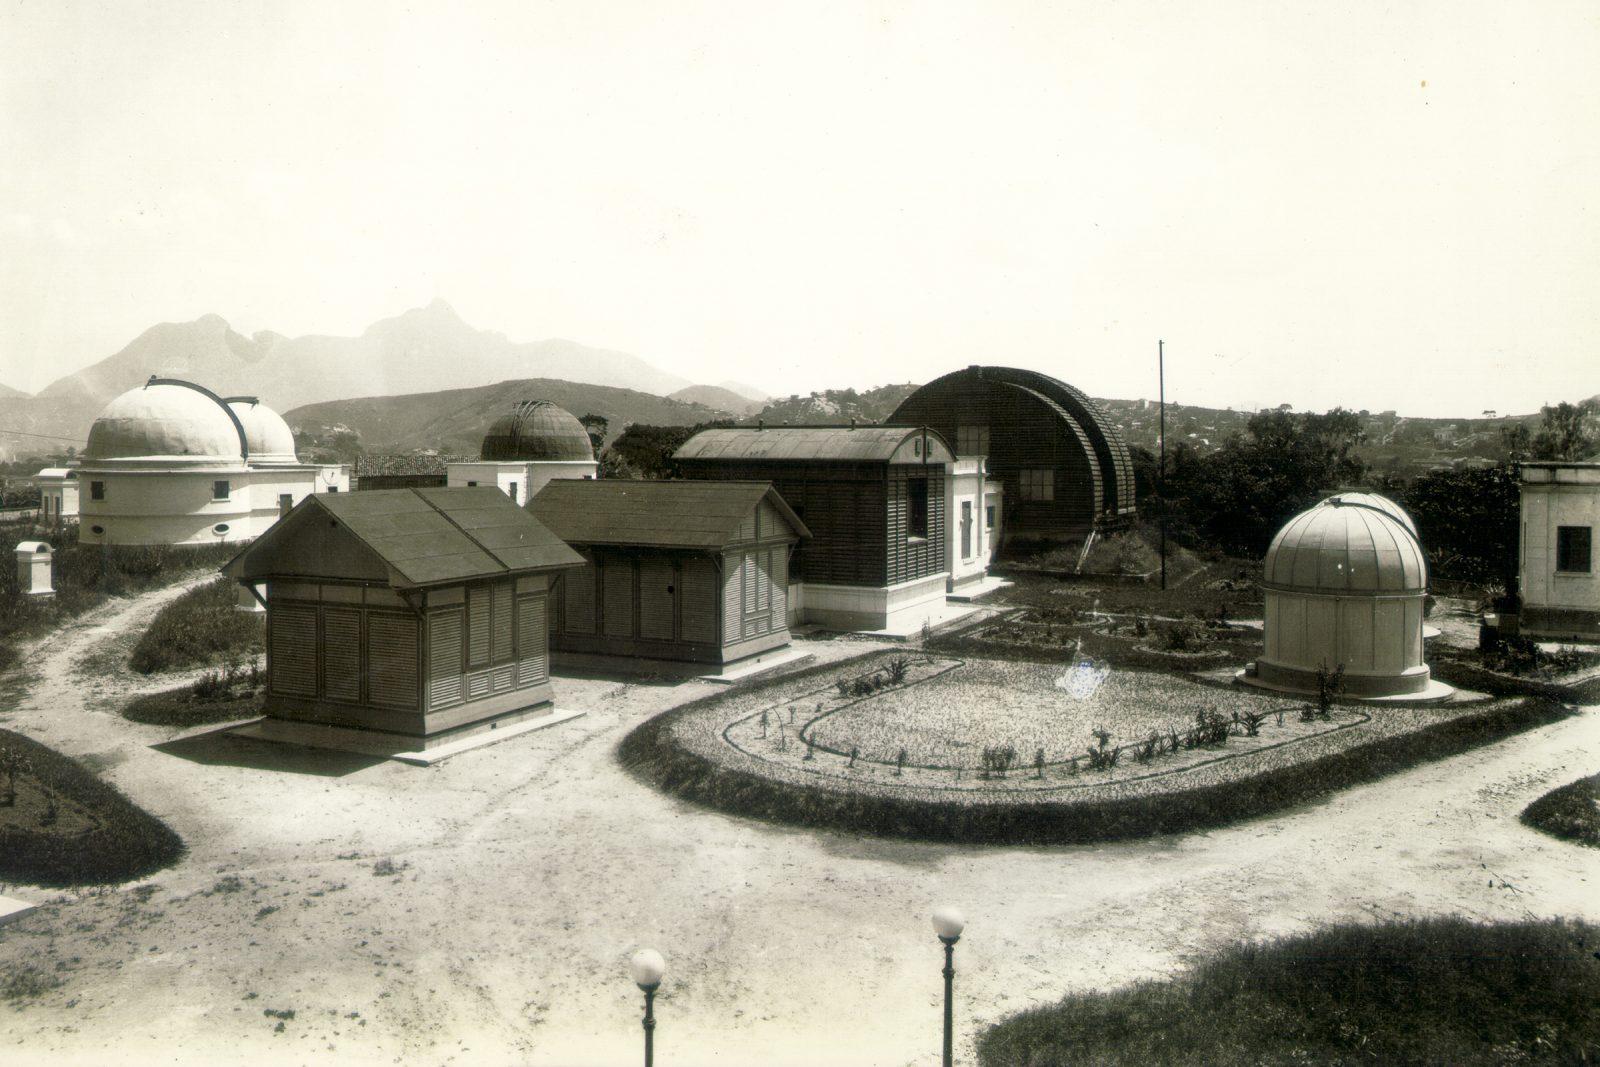 fotografia antiga das cúpulas de observação